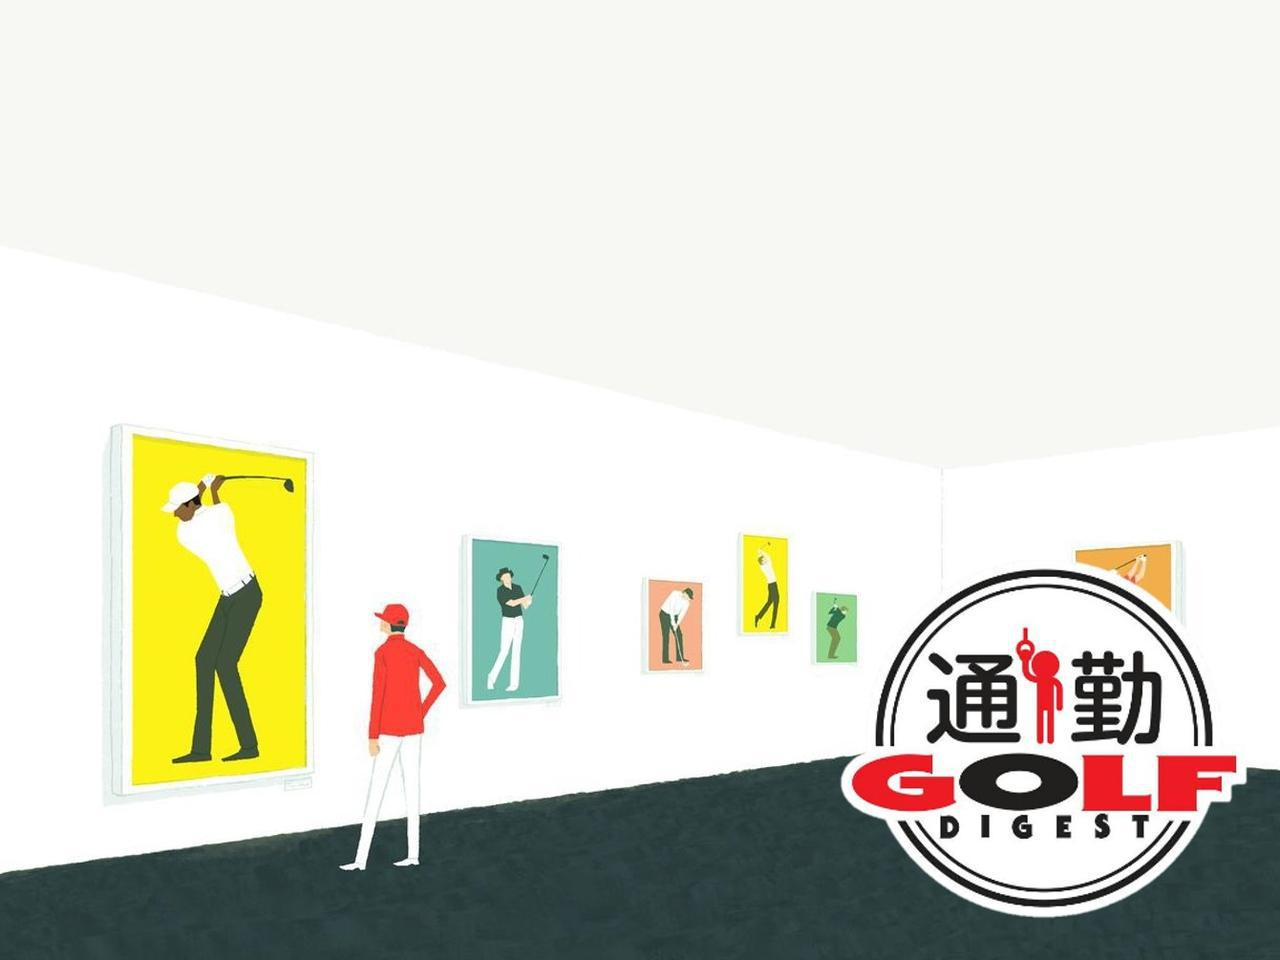 画像: 【通勤GD】Dr.クォンの反力打法 Vol.54 スウィングの良しあしは見た目だけで判断してはいけな ゴルフダイジェストWEB - ゴルフへ行こうWEB by ゴルフダイジェスト